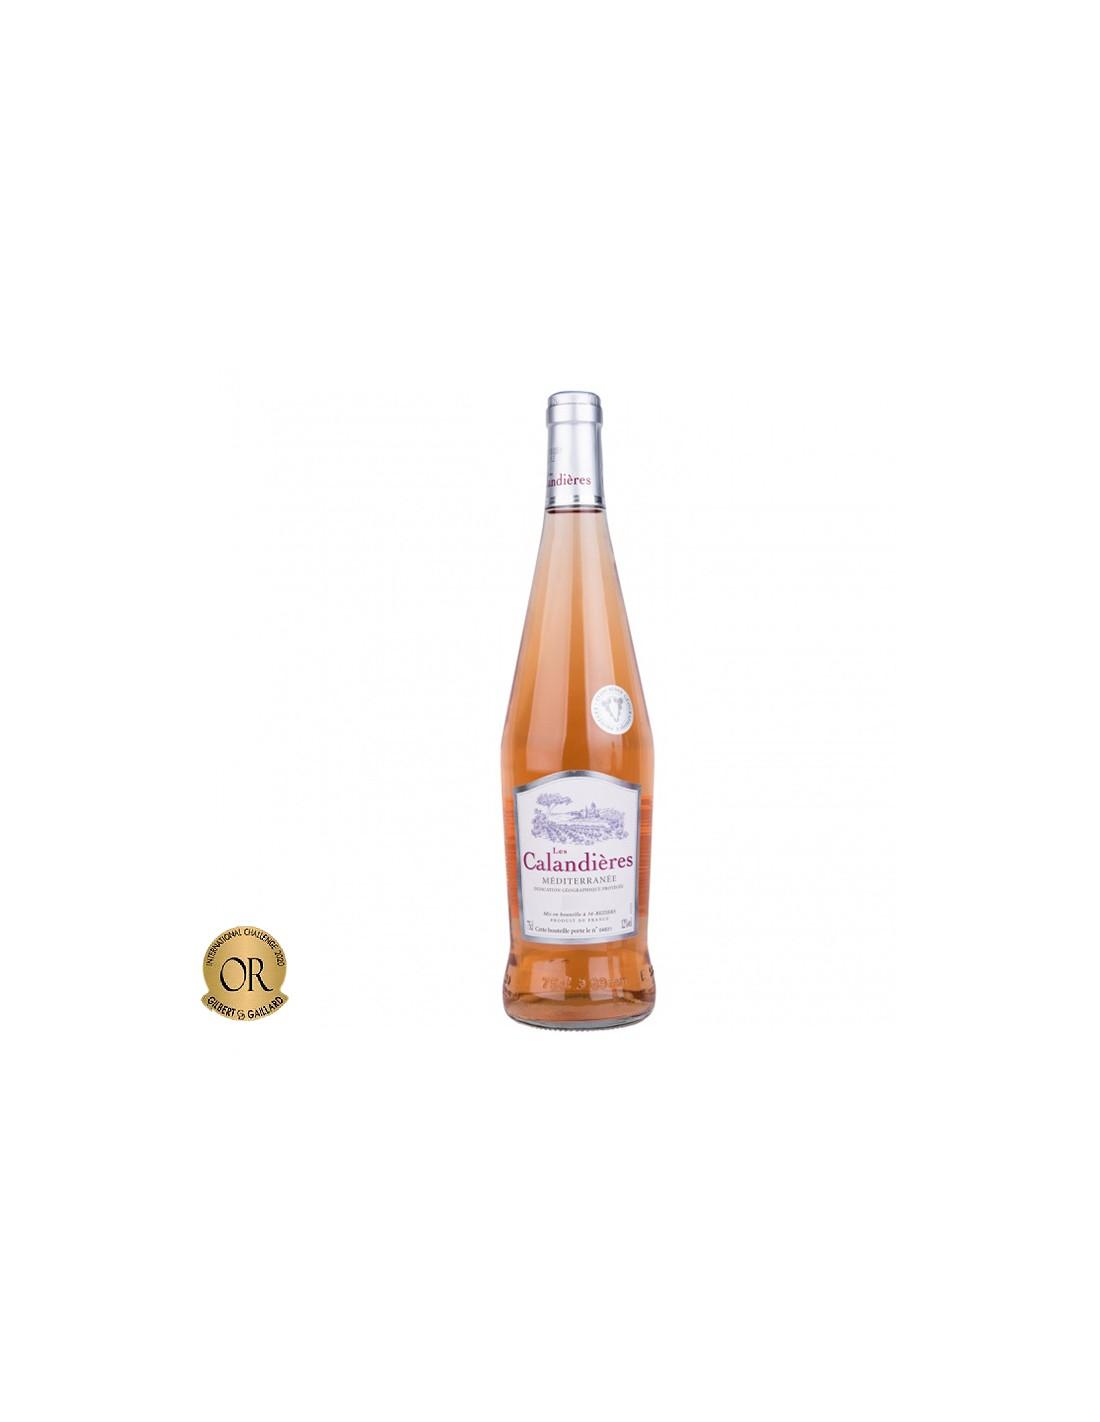 Vin roze, Cupaj, Les Calandieres Méditerranée, 0.75L, Franta